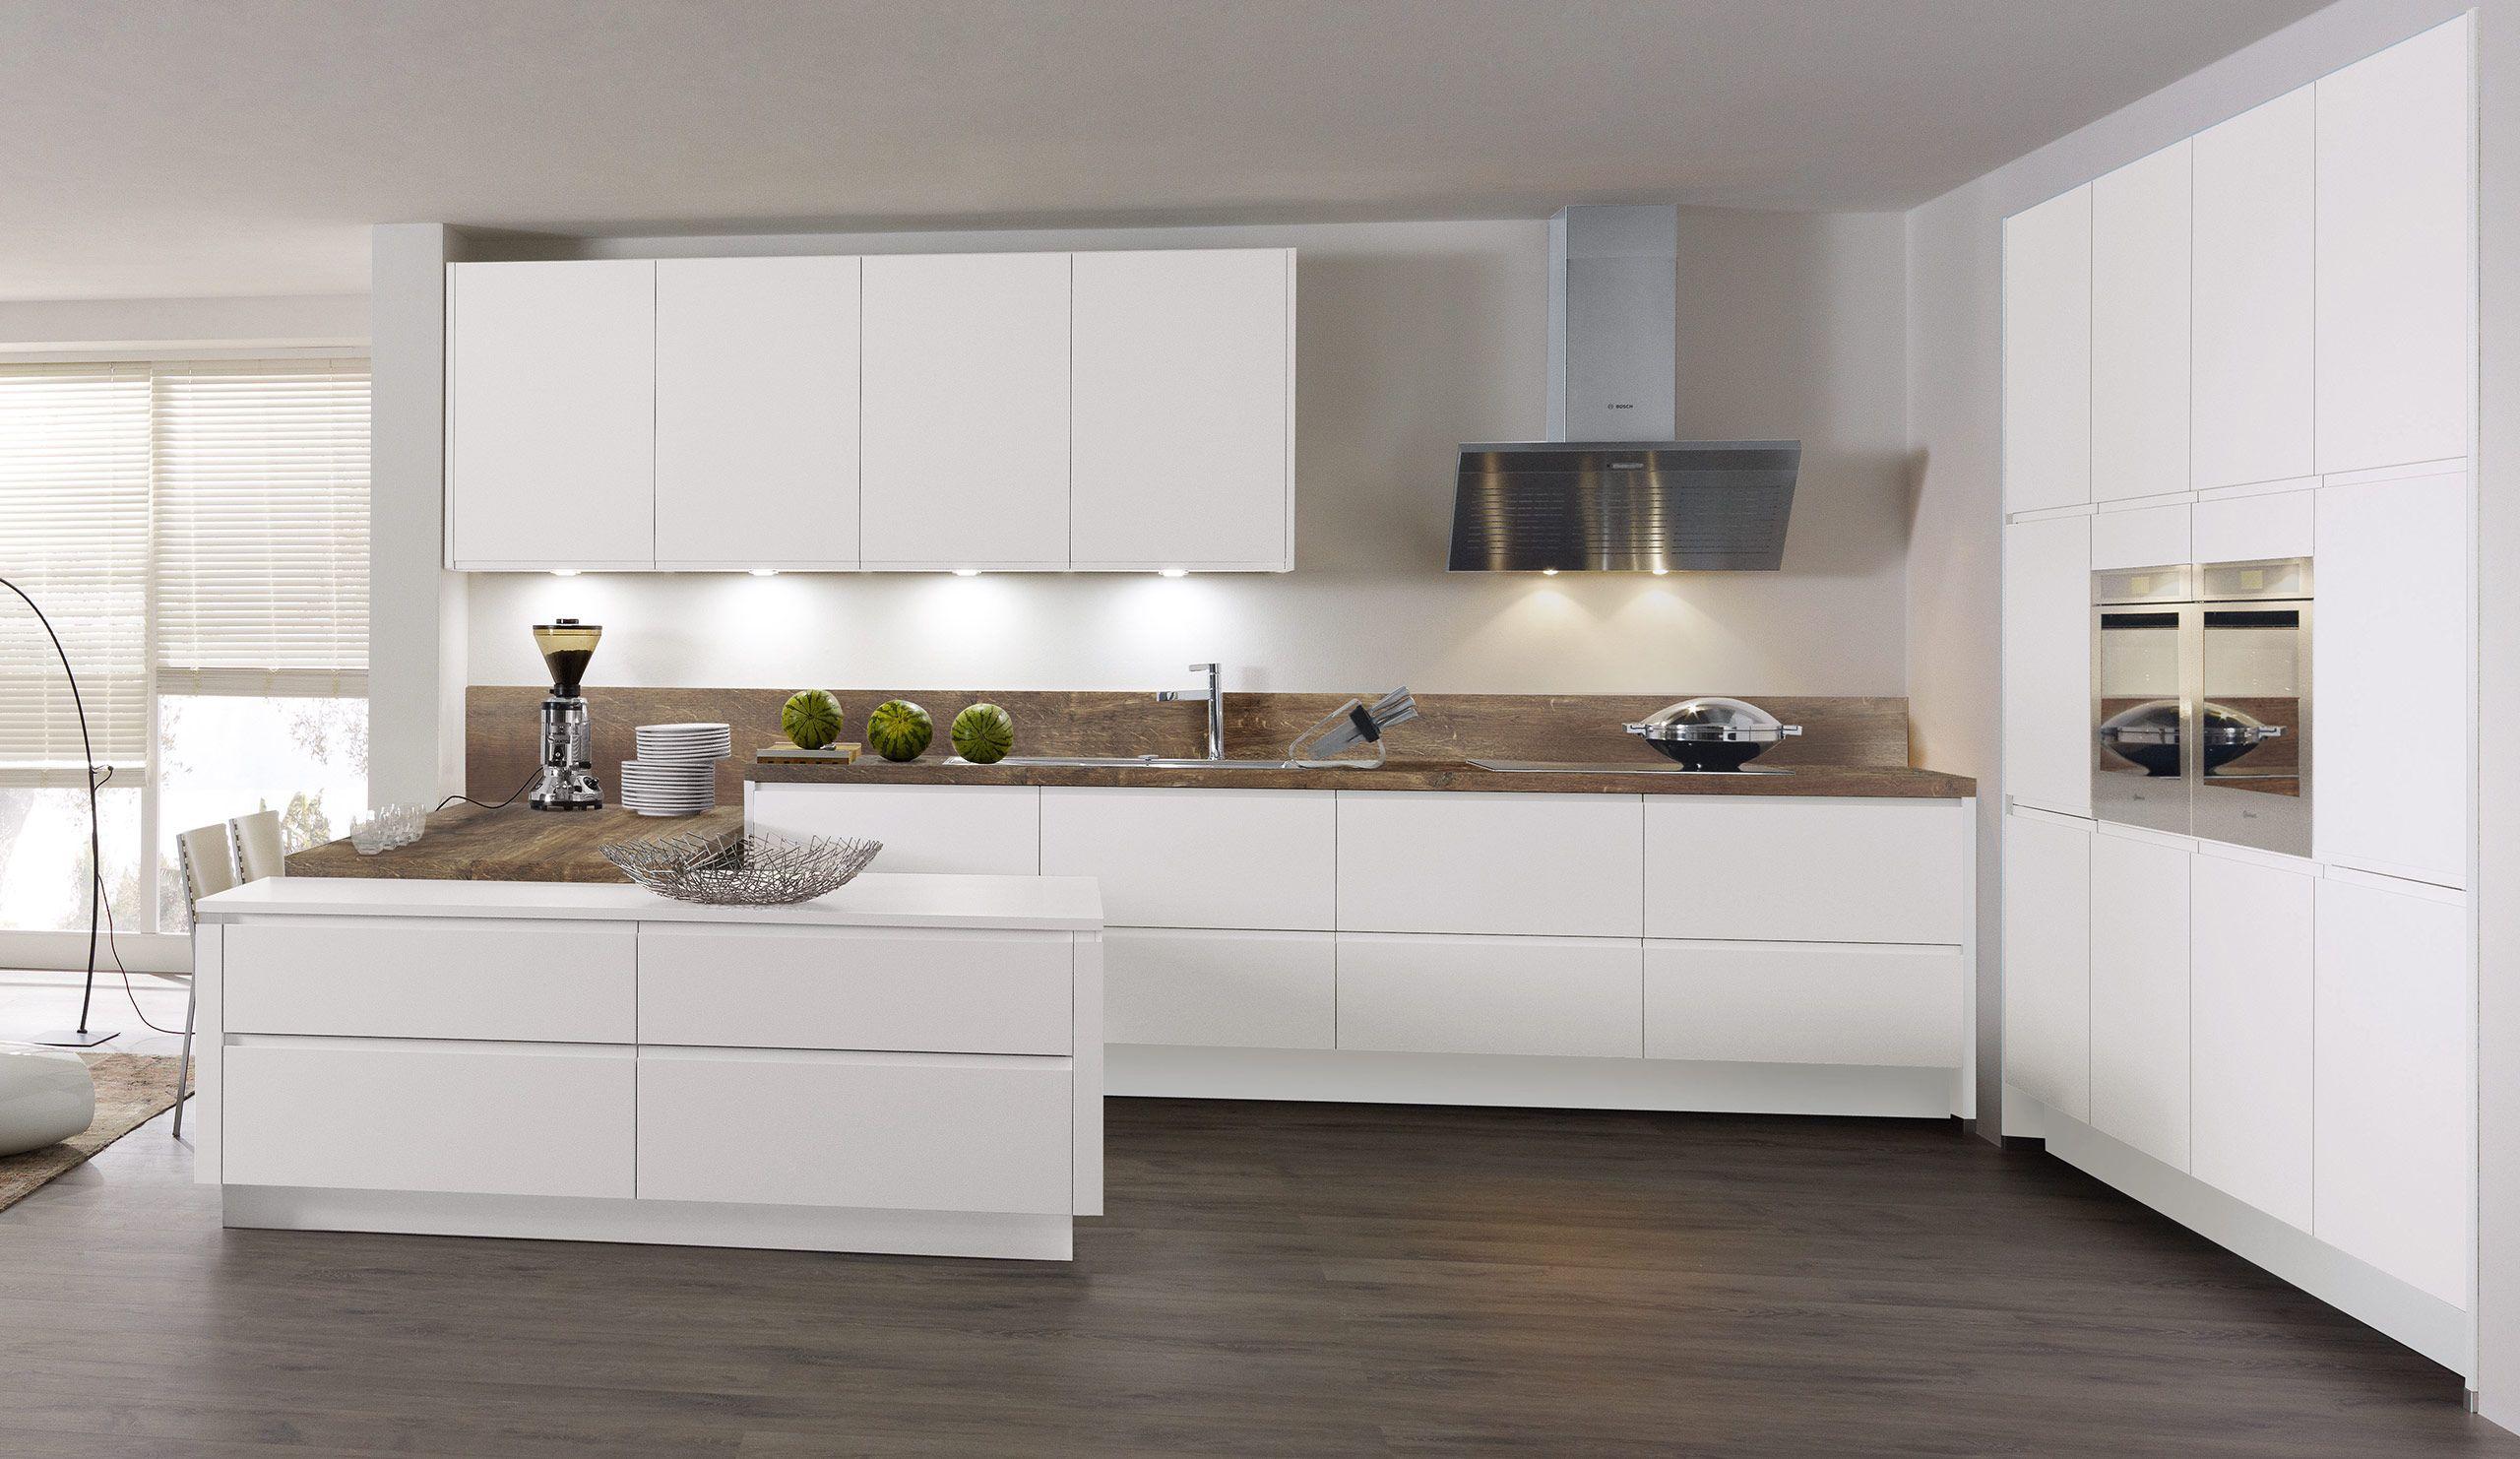 Einbauküche Ayda Weiß Küche Pinterest